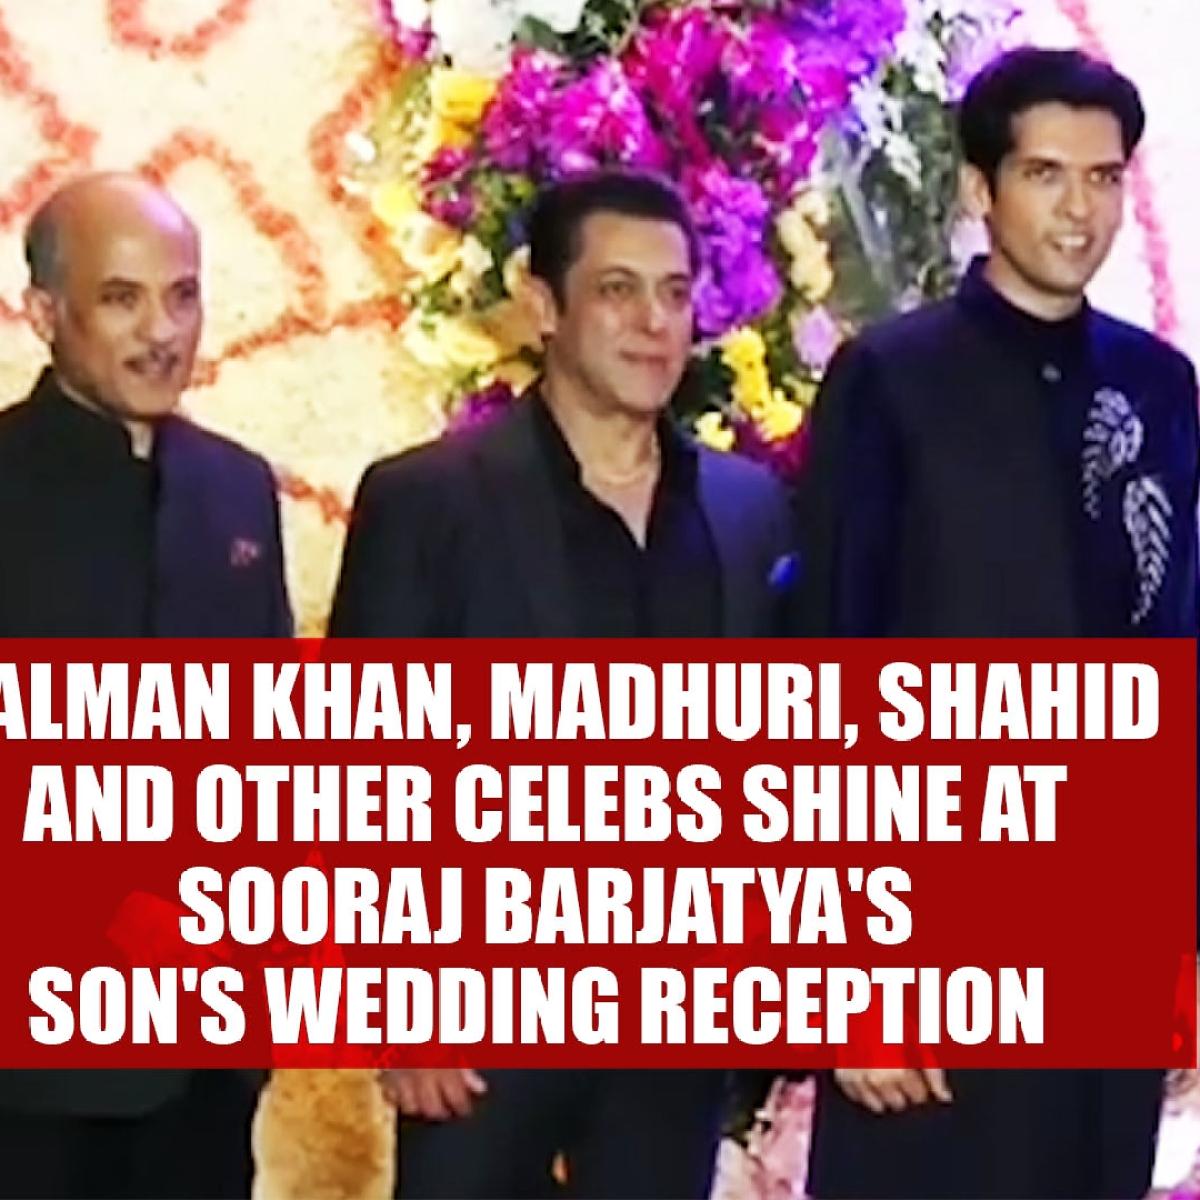 Salman Khan, Madhuri, Shahid and other celebs shine at Sooraj Barjatya's son's wedding reception